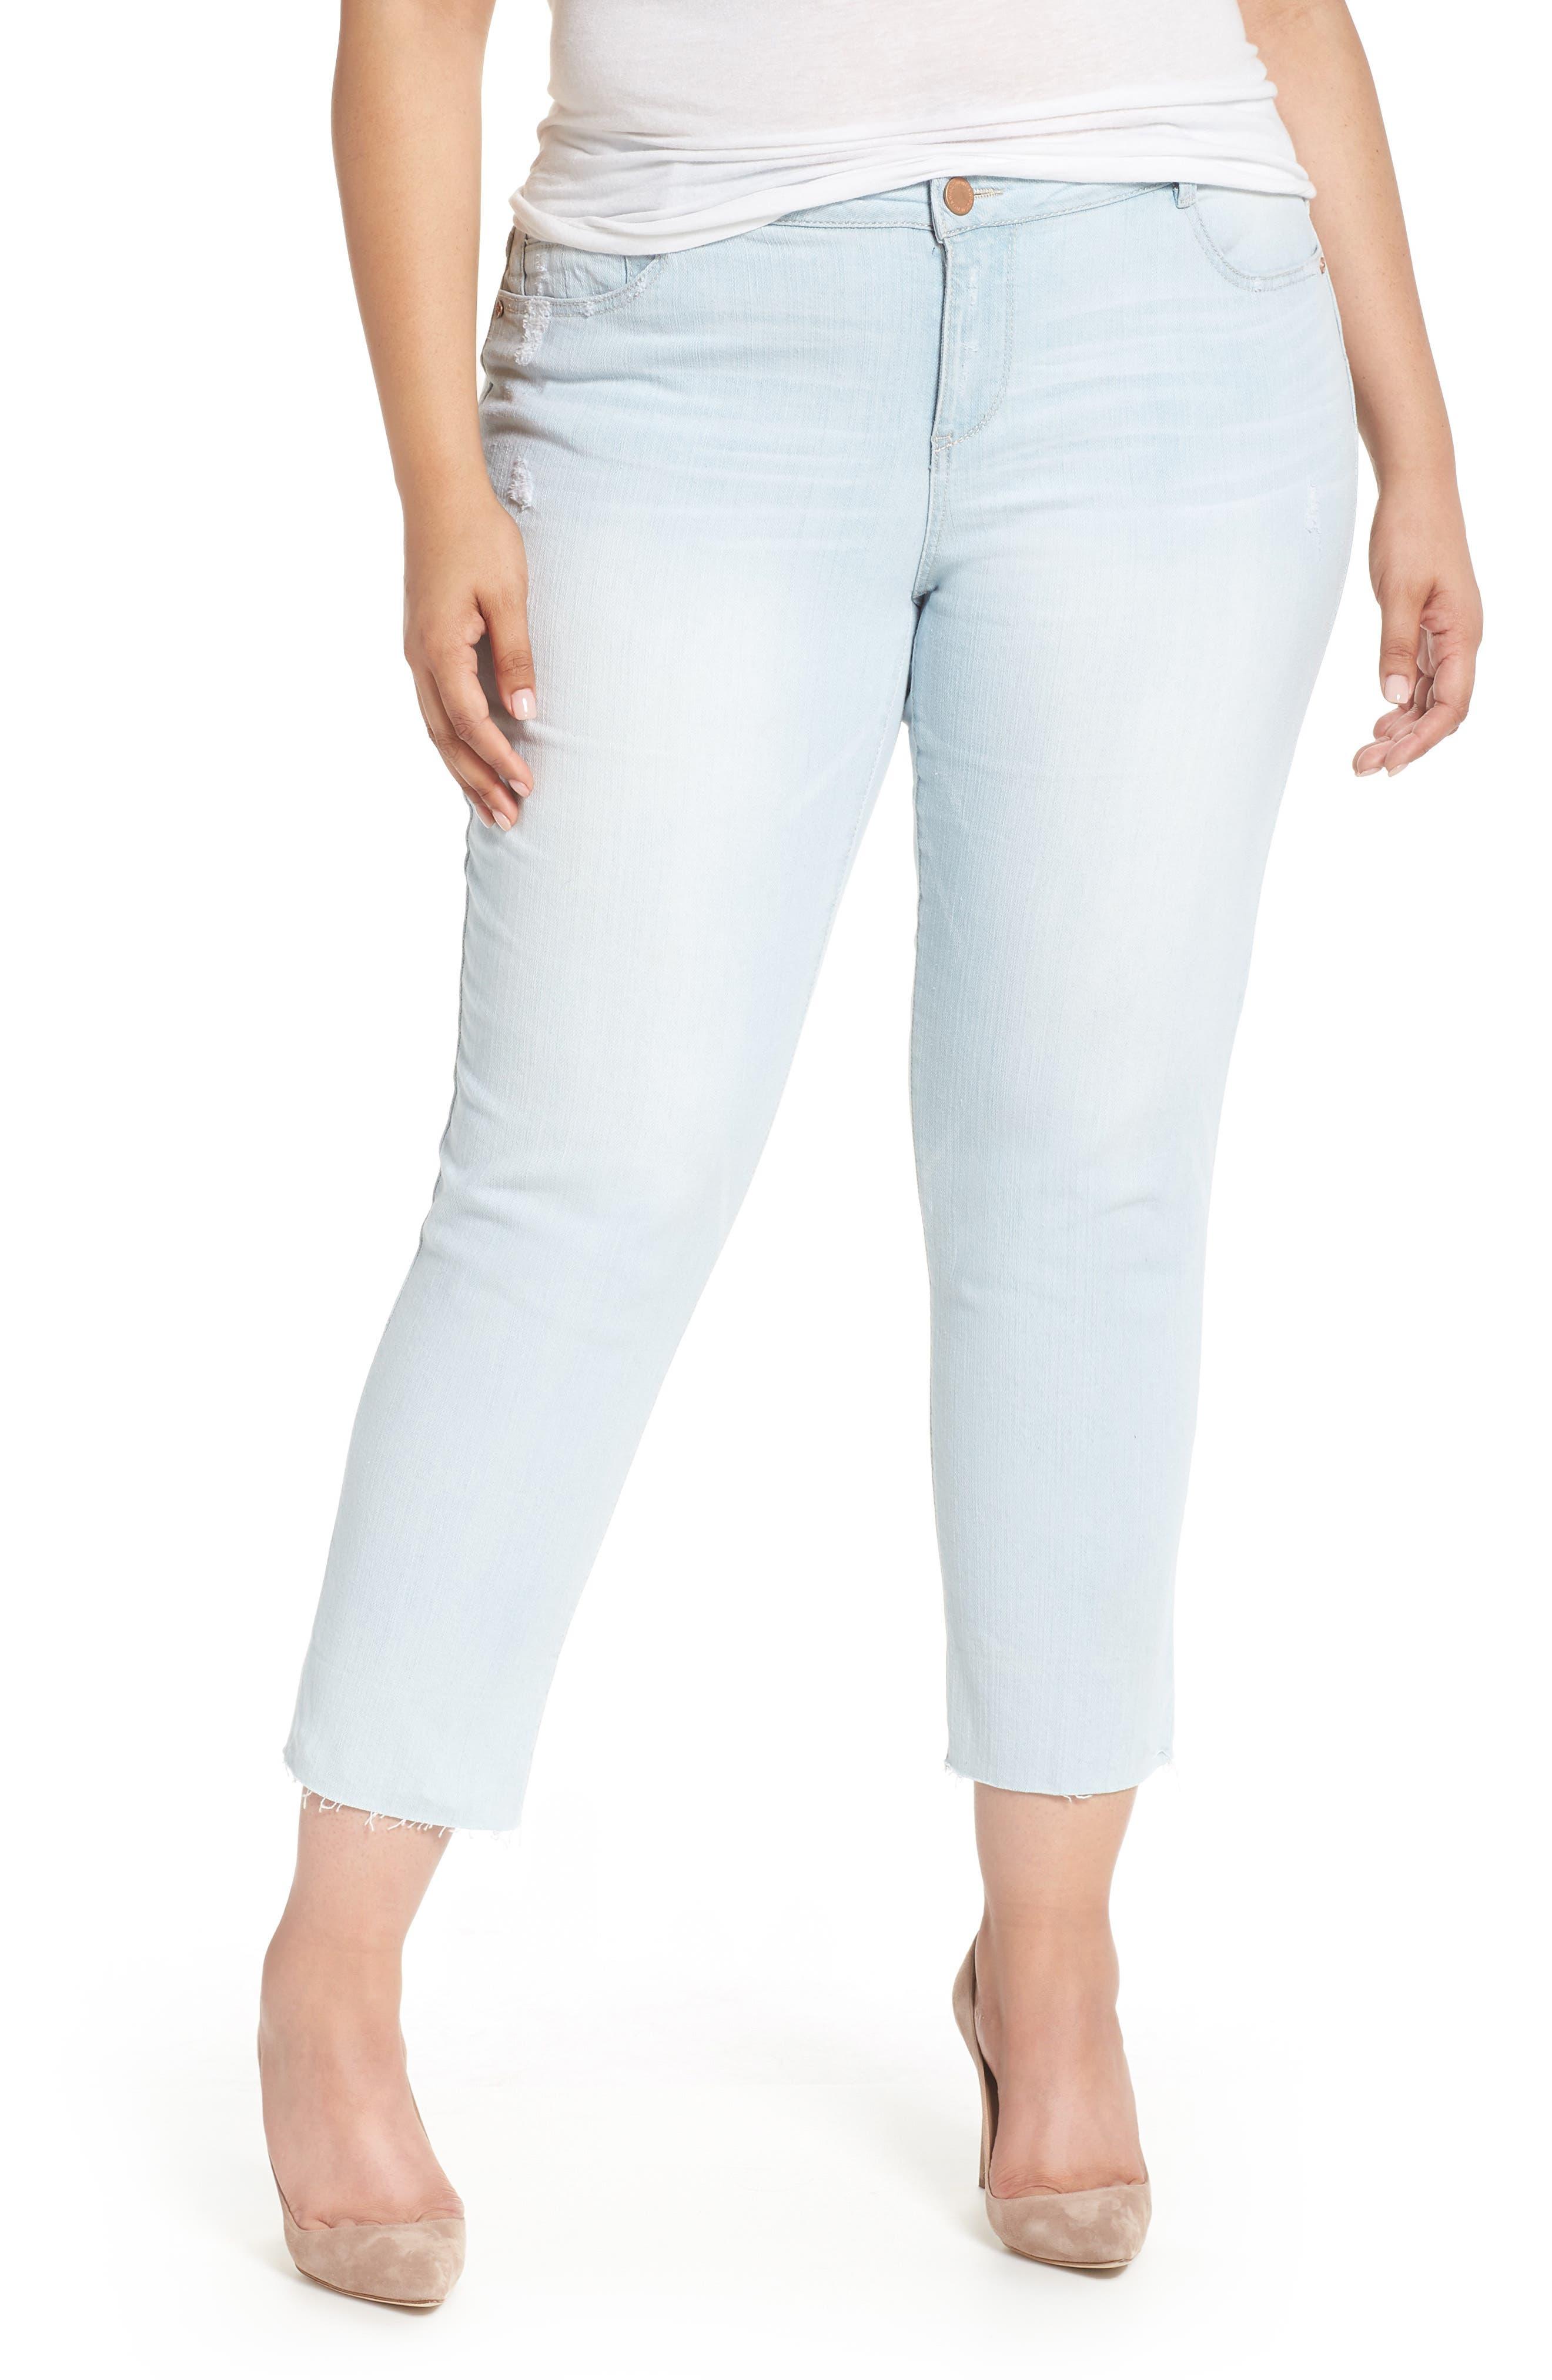 WIT & WISDOM, Flex-ellent Distressed Boyfriend Jeans, Main thumbnail 1, color, LIGHT BLUE